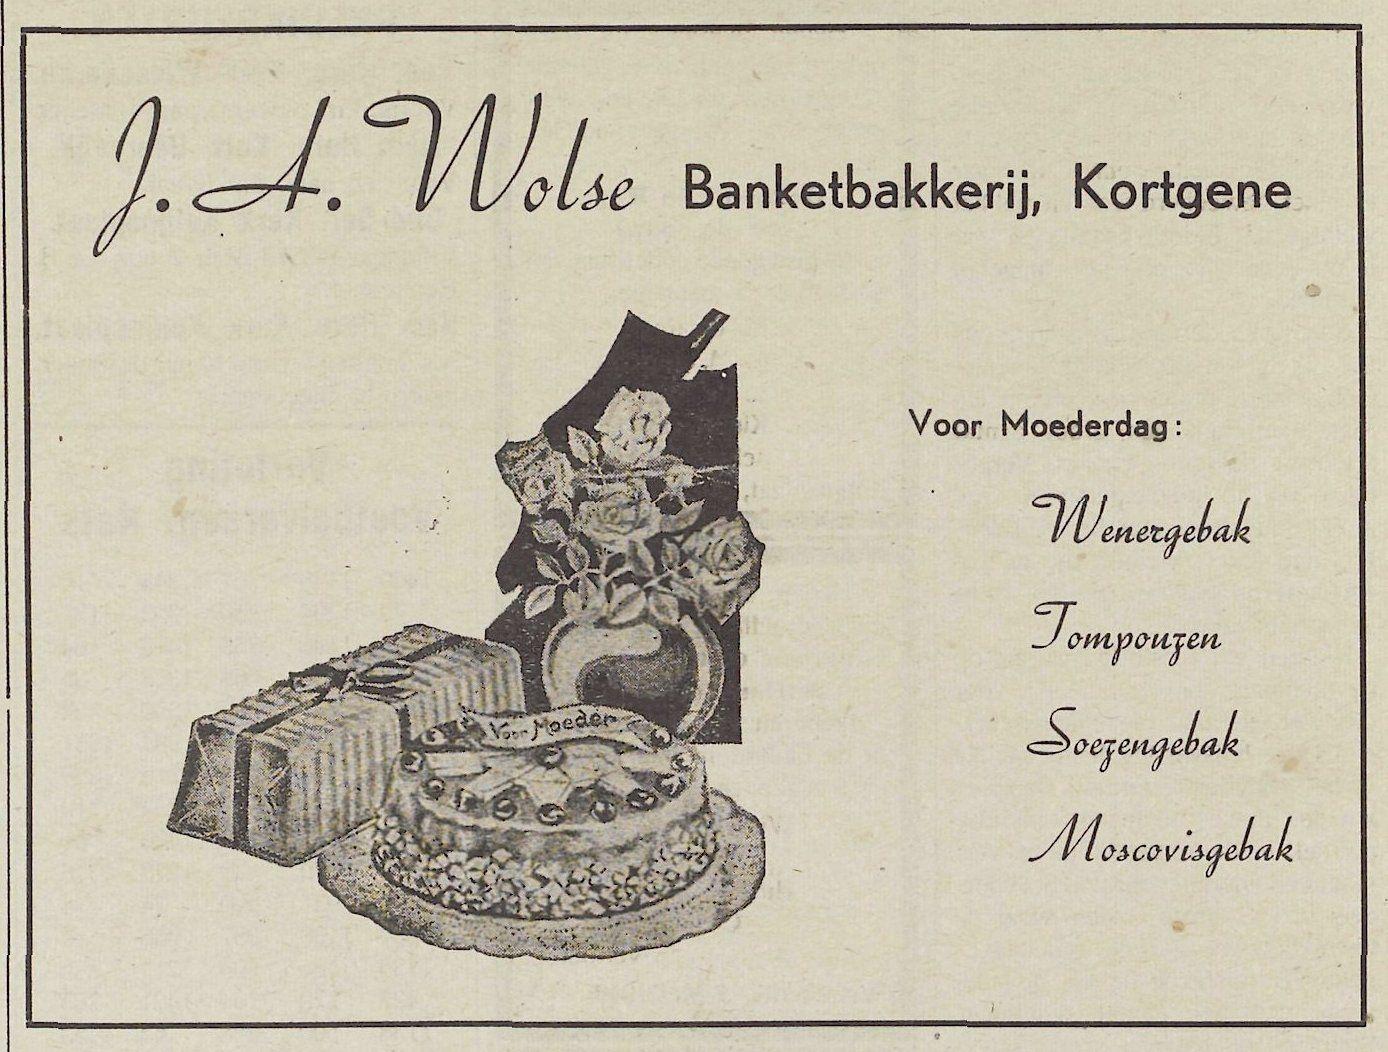 Noord-Bevelands Nieuws- en Advertentieblad, 7 mei 1949. (Zeeuwse Bibliotheek, Krantenbank Zeeland)